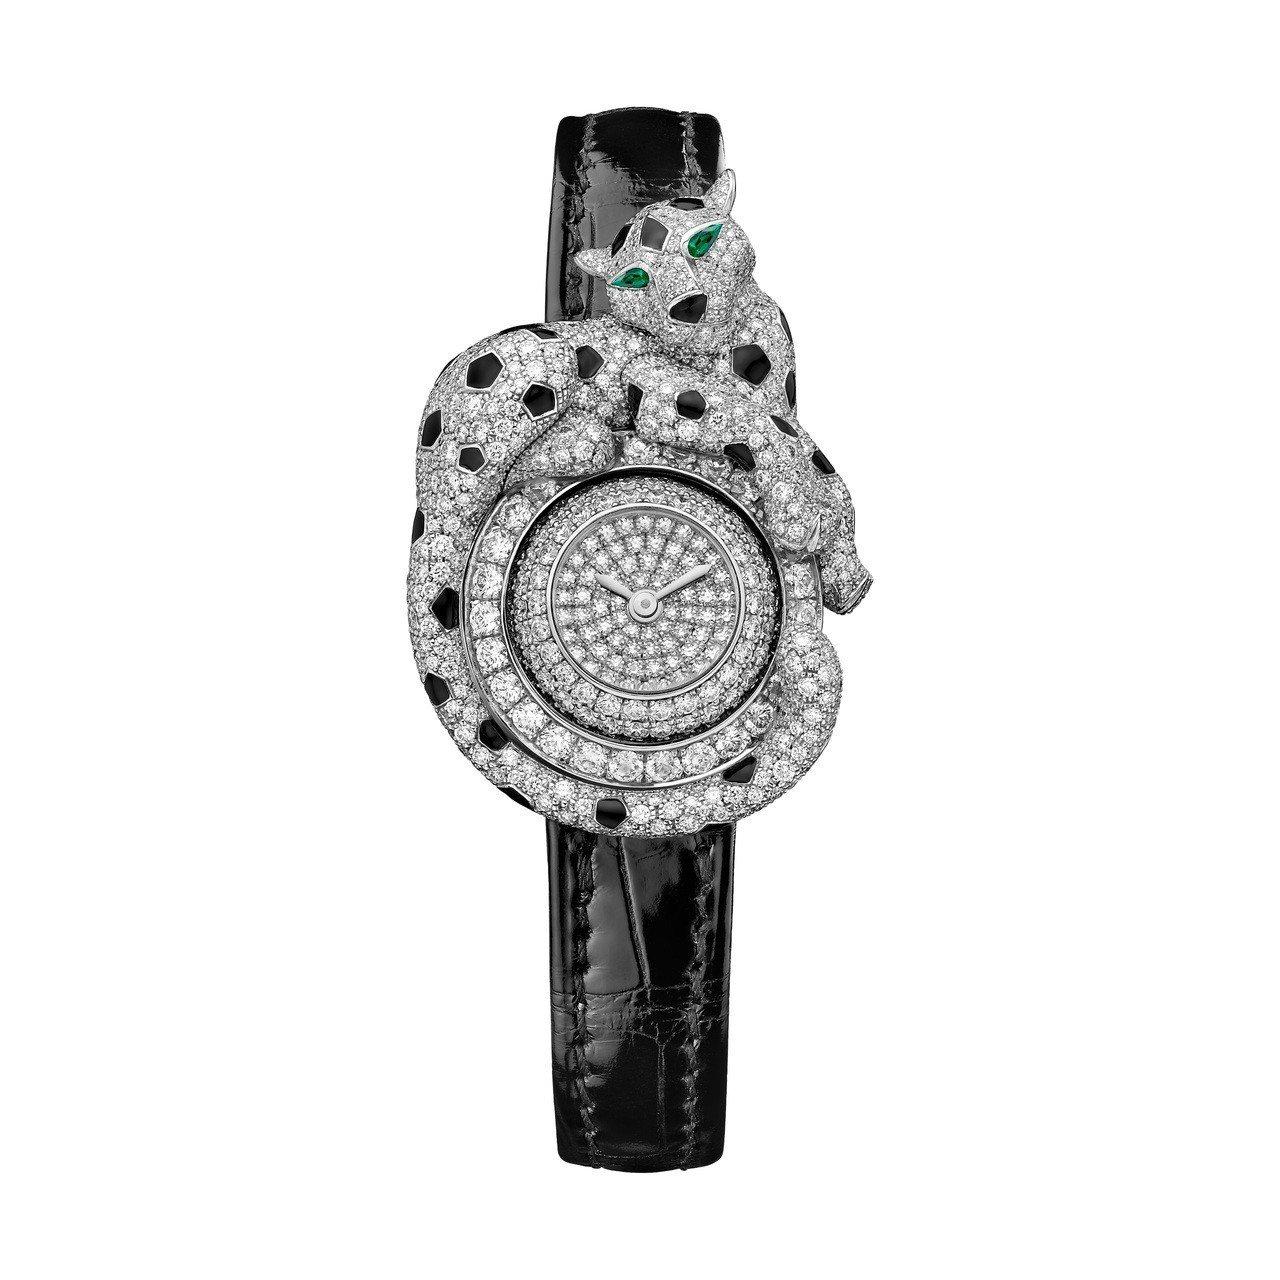 莫允雯配戴的Panthère Espiègle de Cartier美洲豹腕表,...